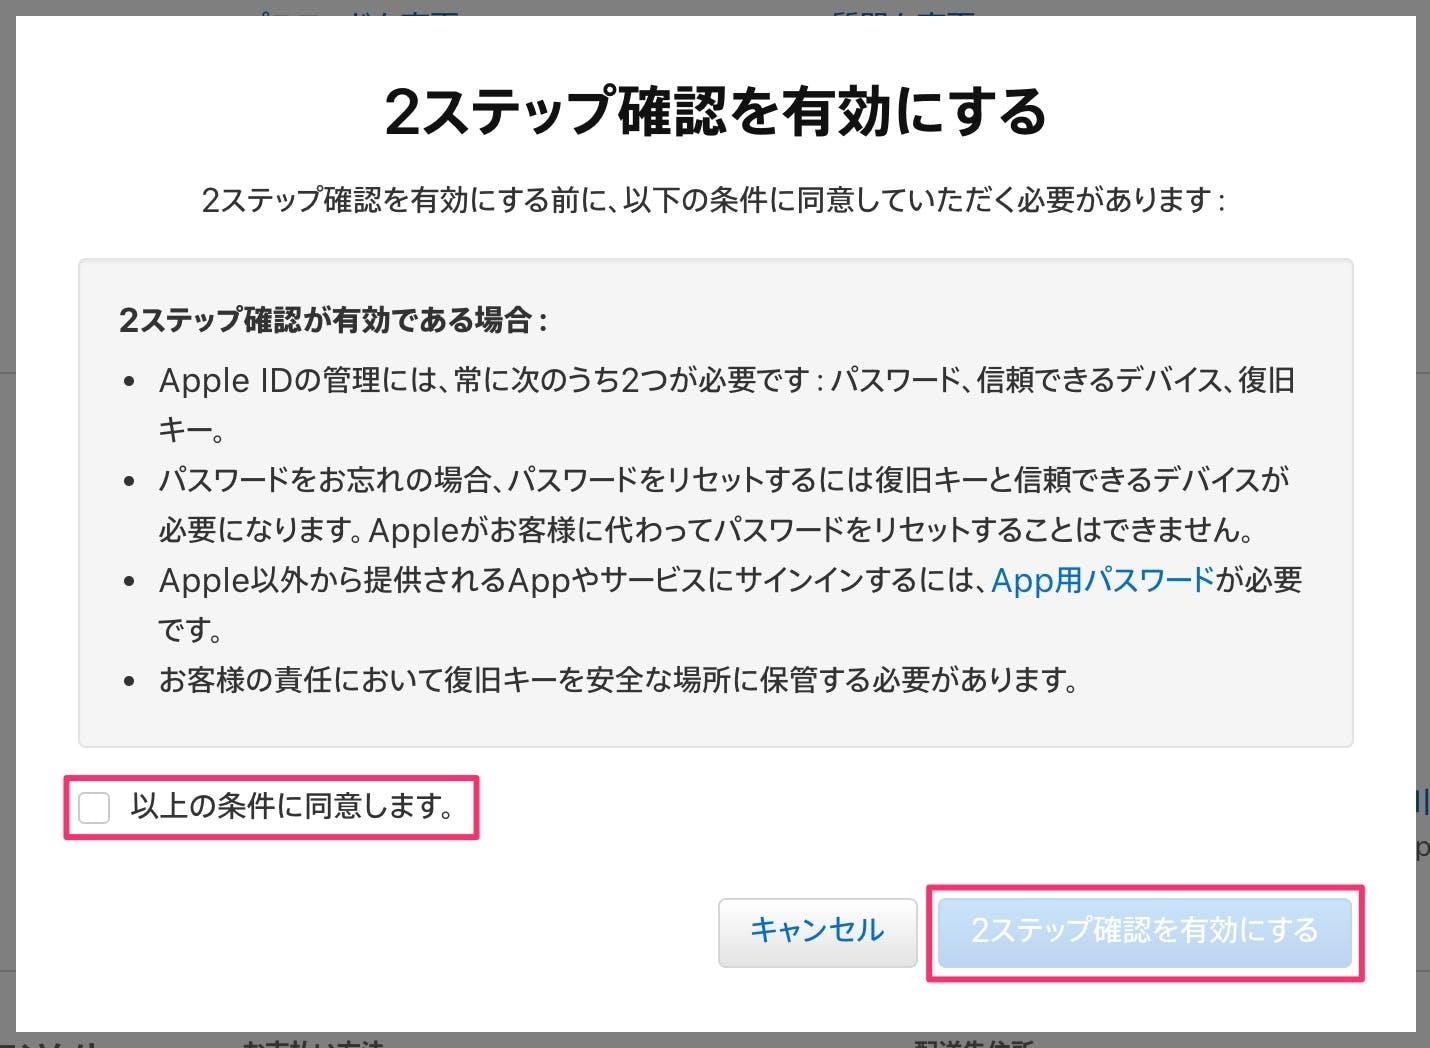 スクリーンショット_2019-09-04_13_21_20.jpg